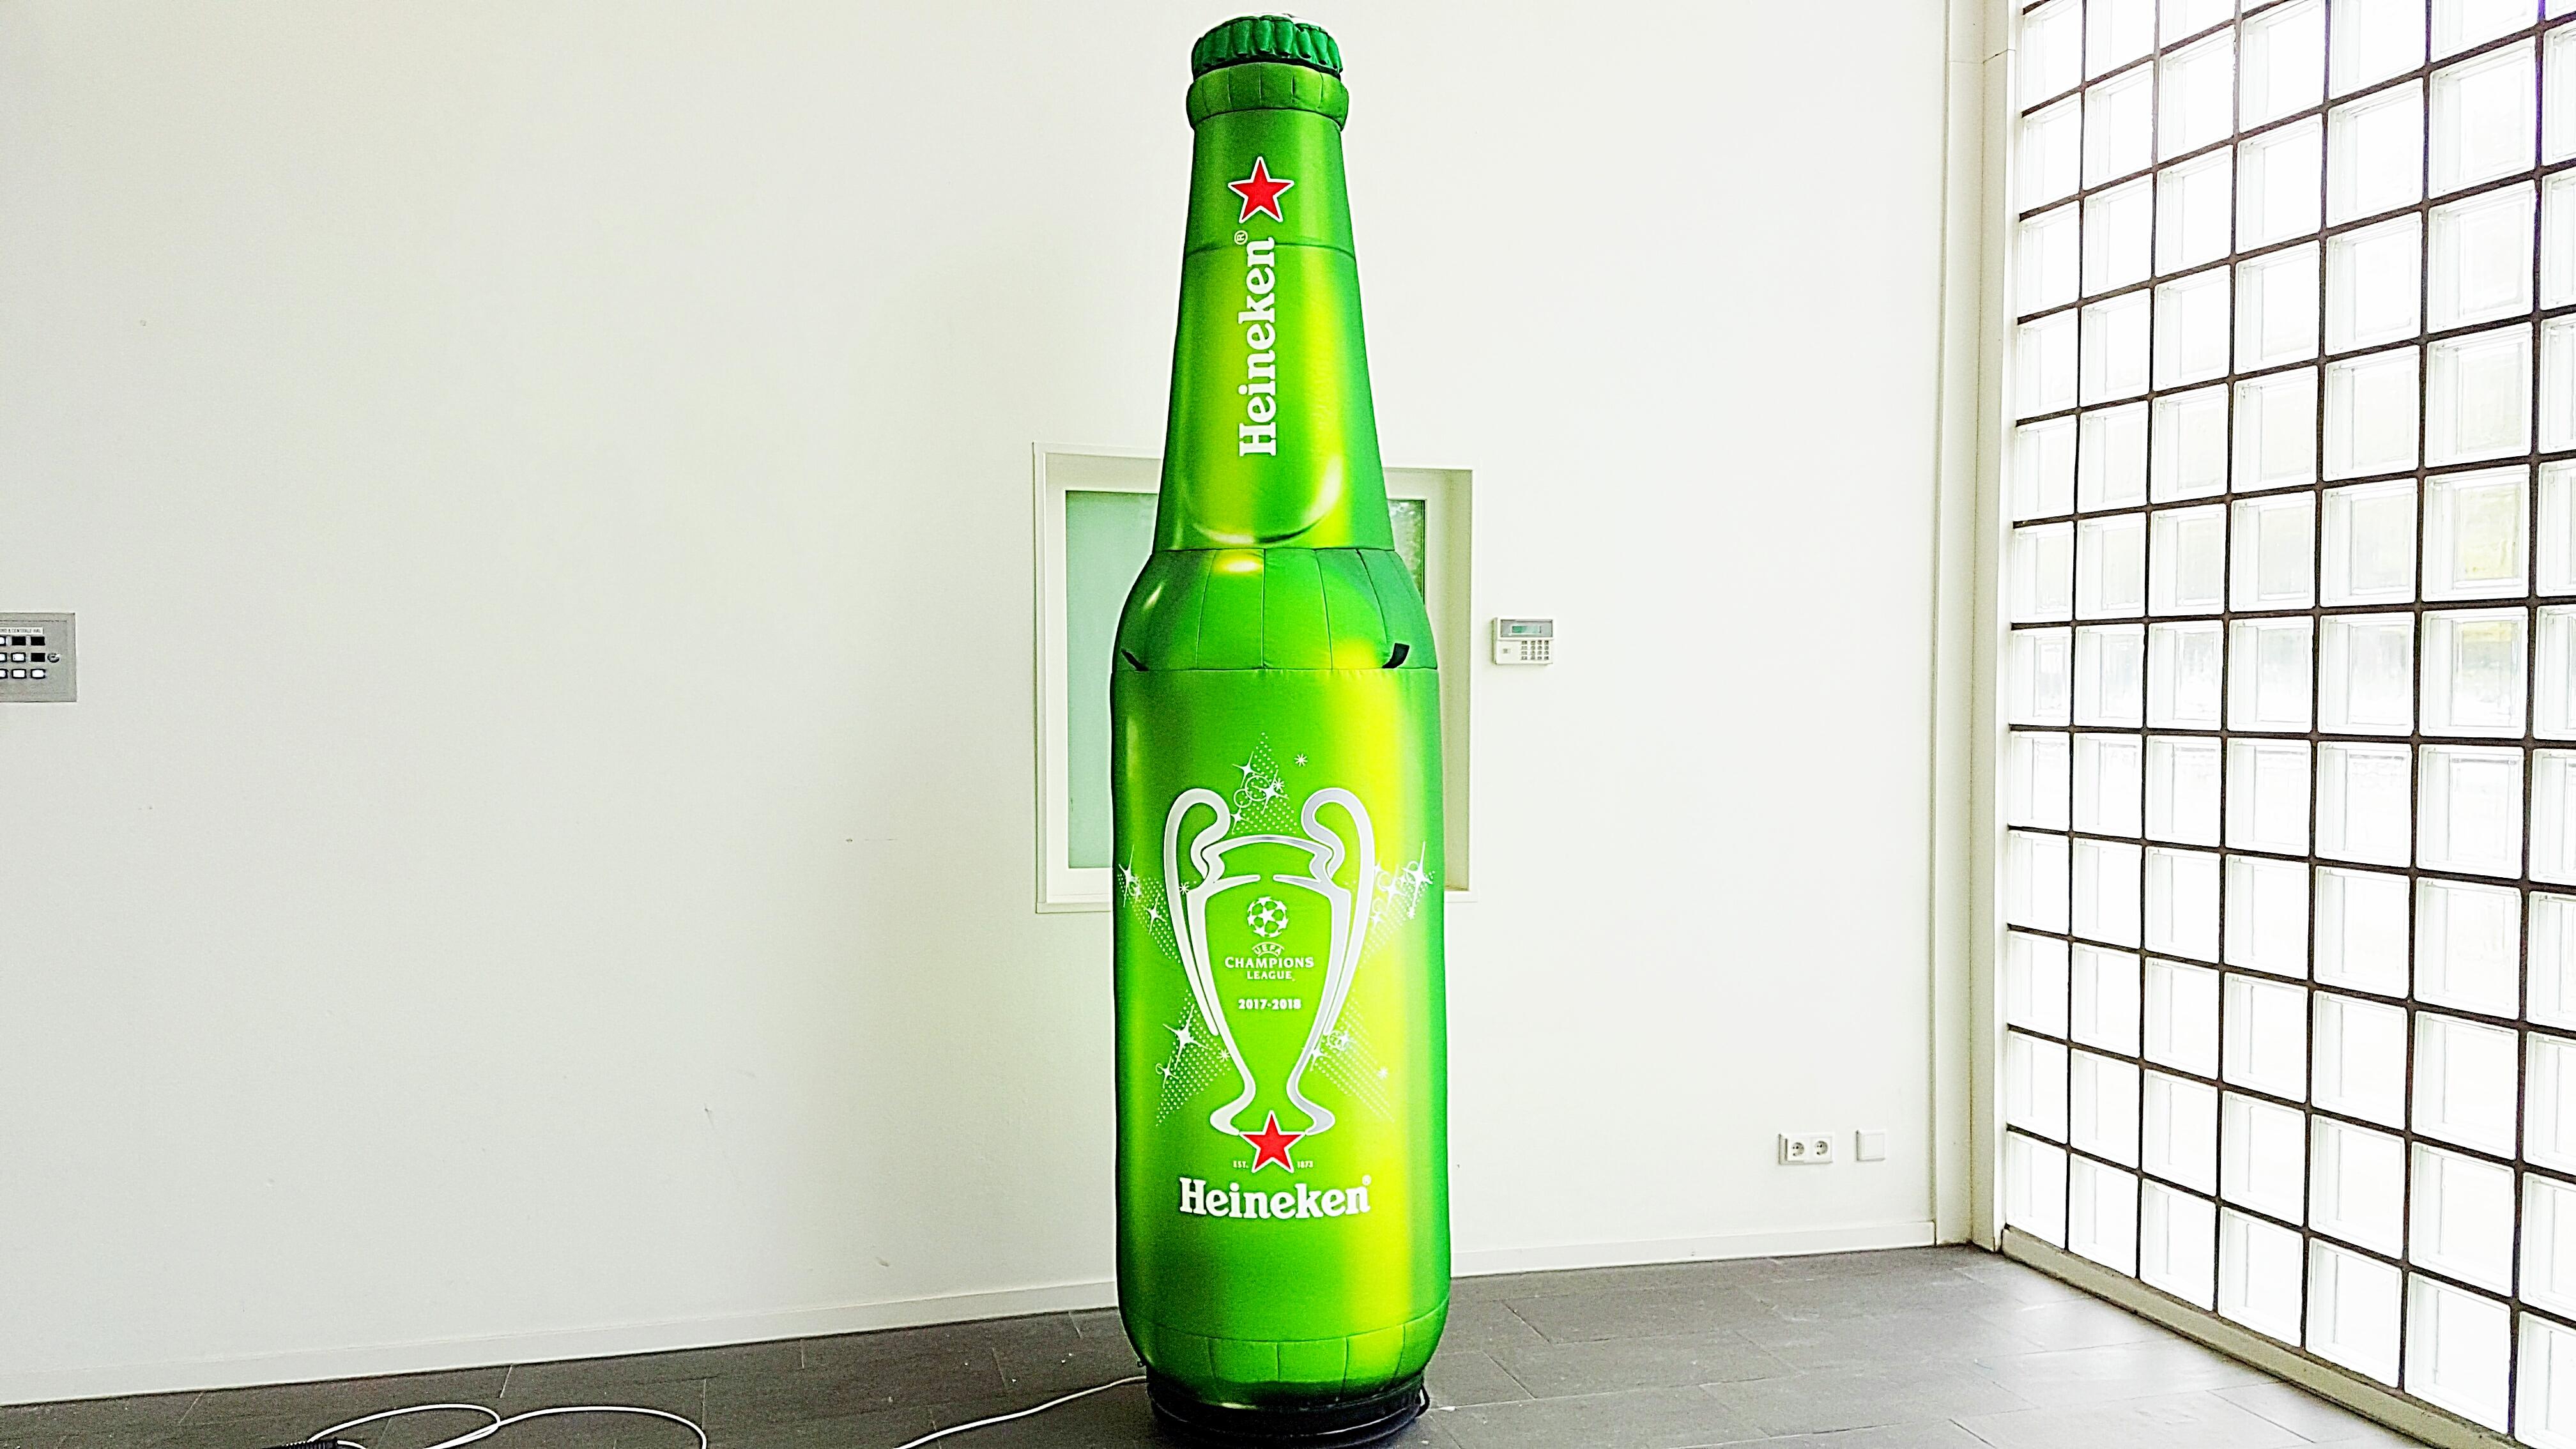 Opblaasbare Heineken fles publi air